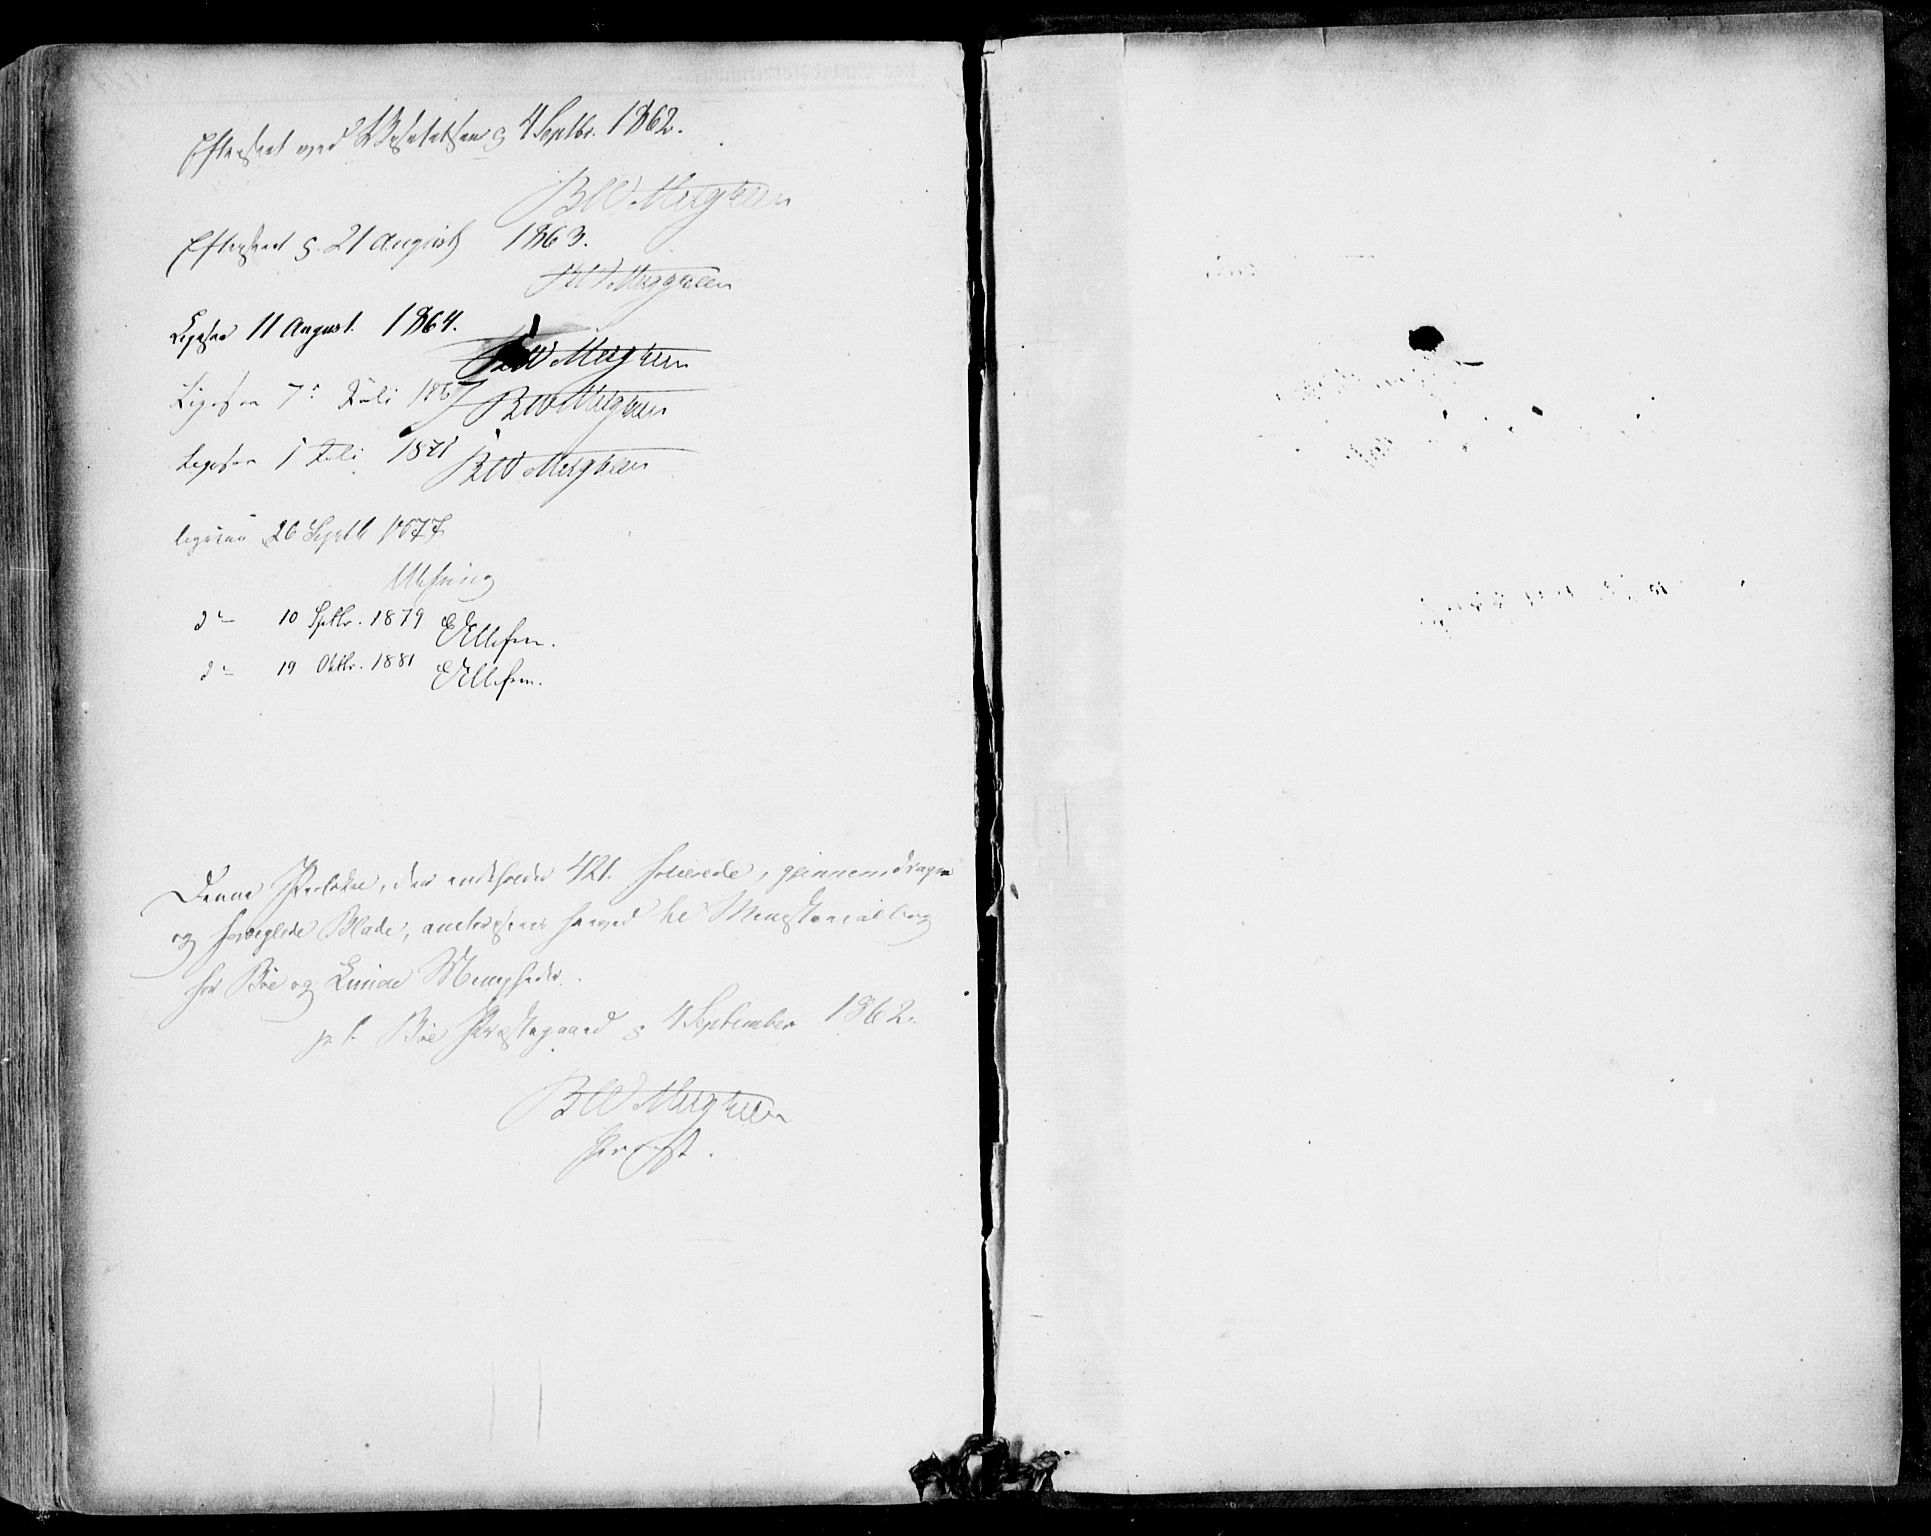 SAKO, Bø kirkebøker, F/Fa/L0009: Ministerialbok nr. 9, 1862-1879